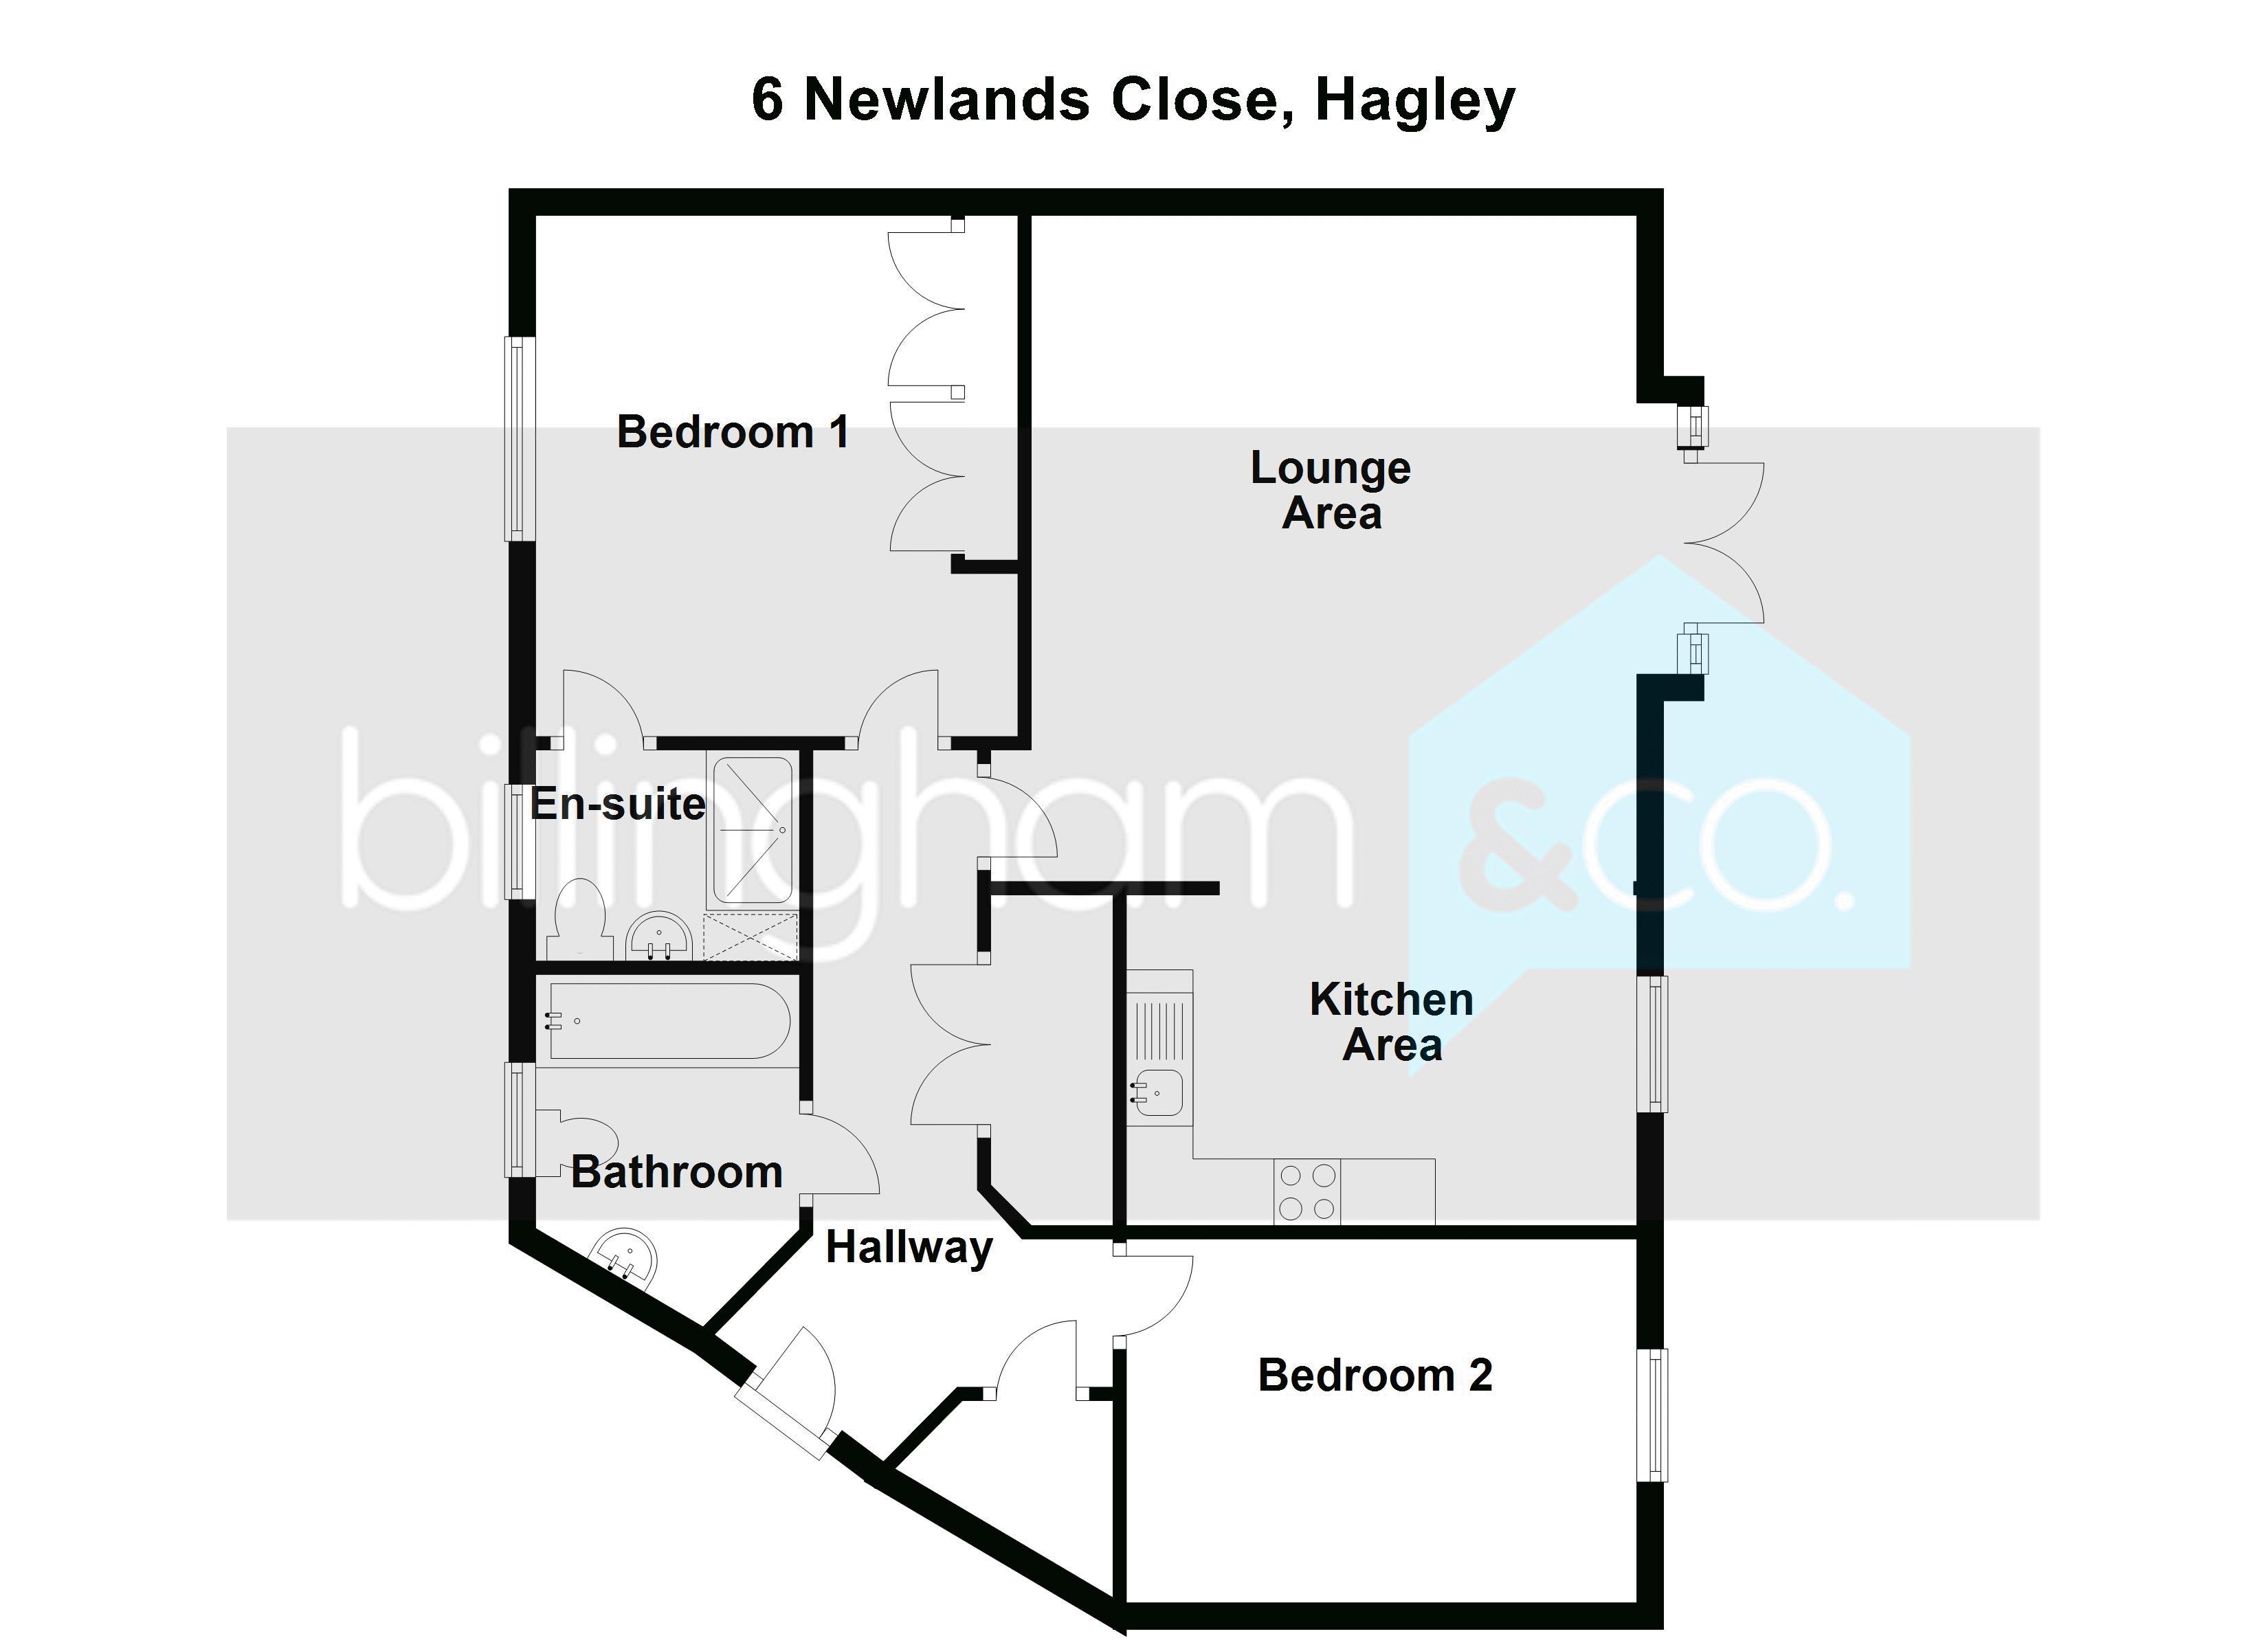 Newlands Close Hagley